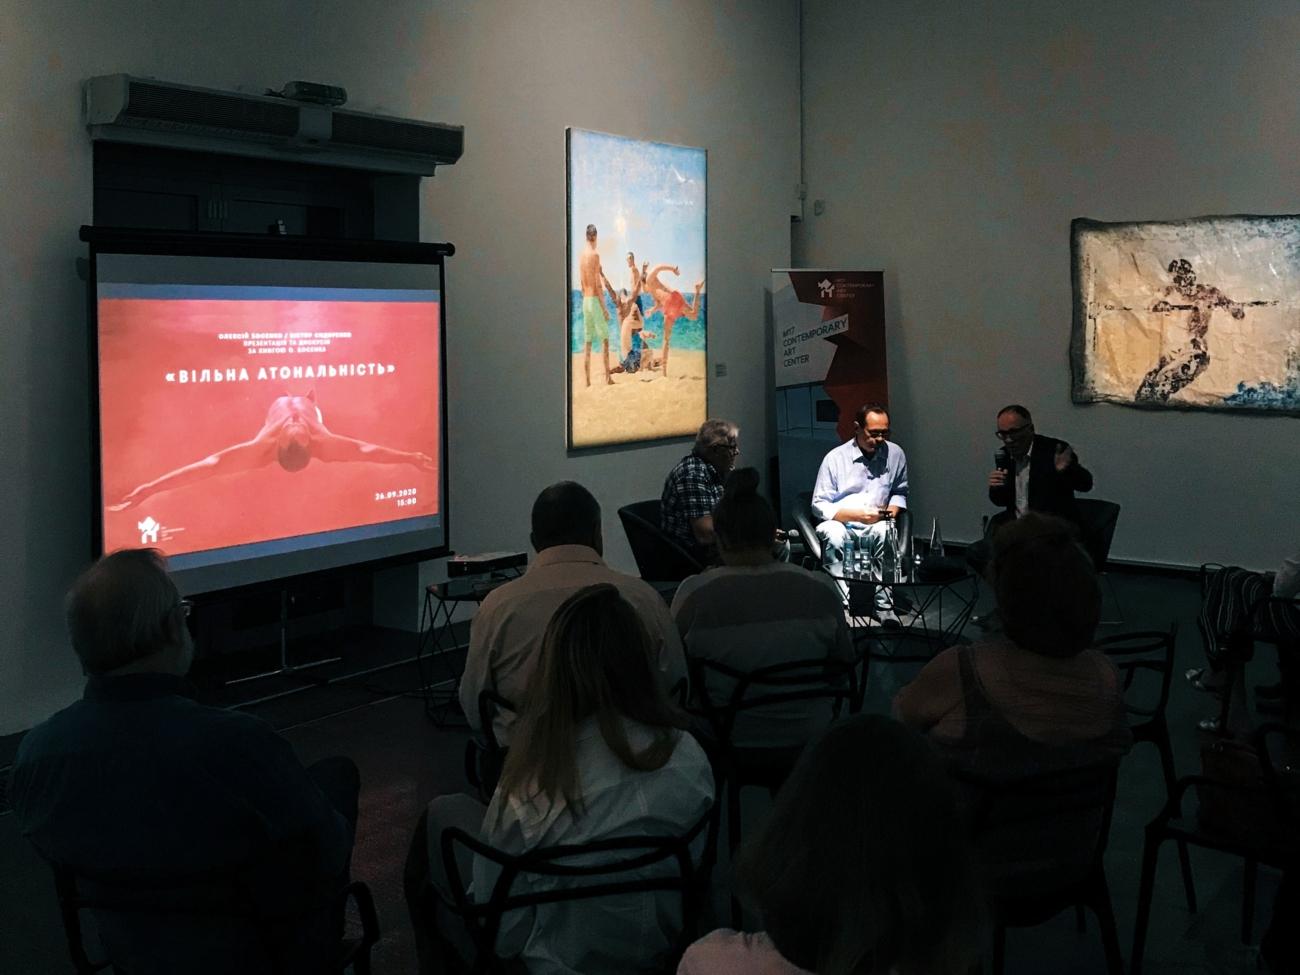 В М17 відбулася презентація книги Олексія Босенка «Вільна атональність»